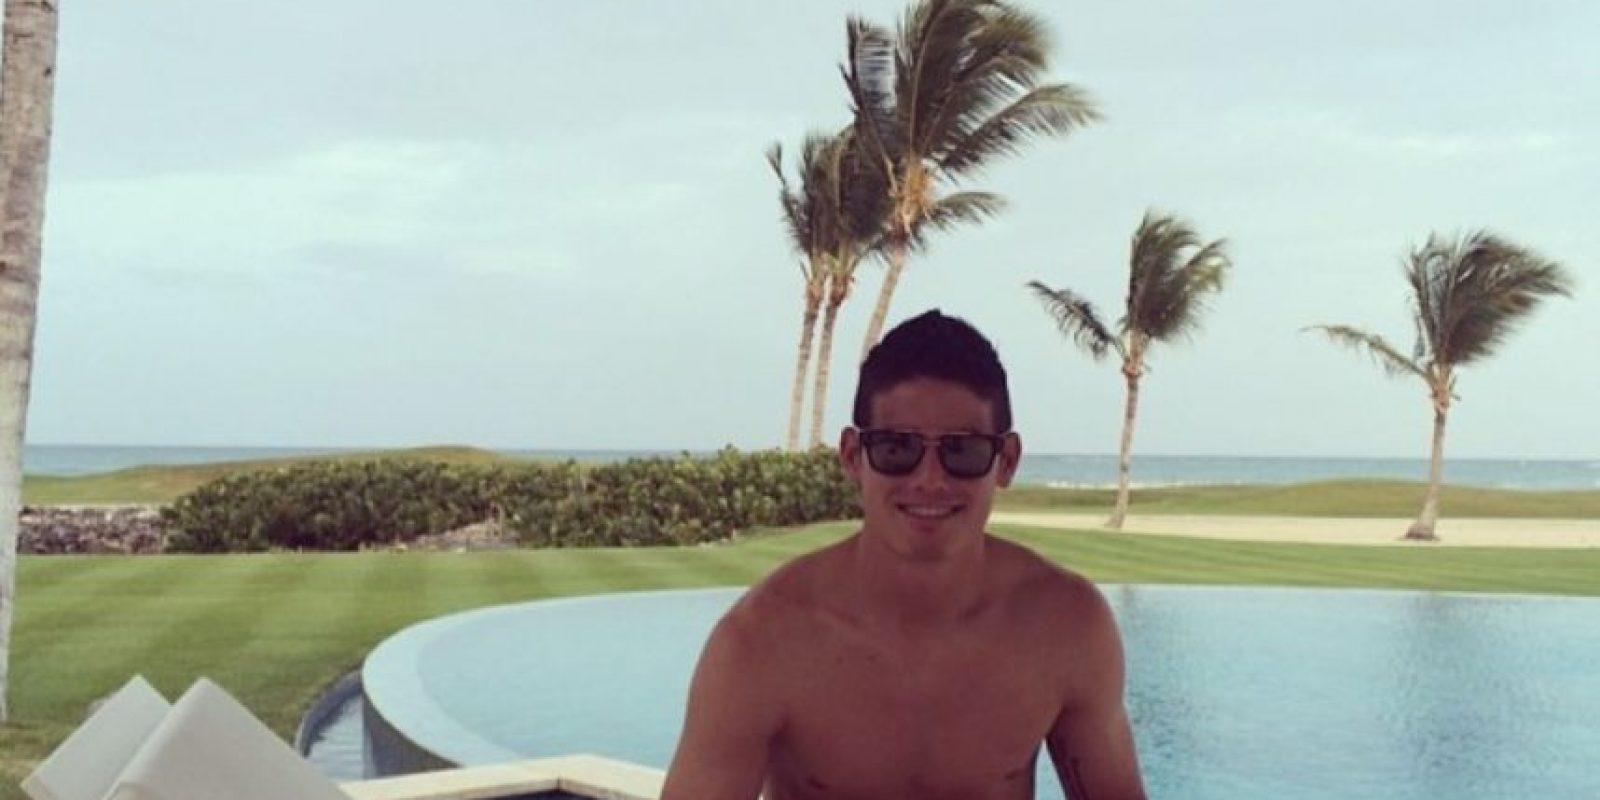 Aquí, relajándose. Todavía no se veía el trabajo físico que tendría con el Real Madrid Foto:Instagram/jamesrodriguez